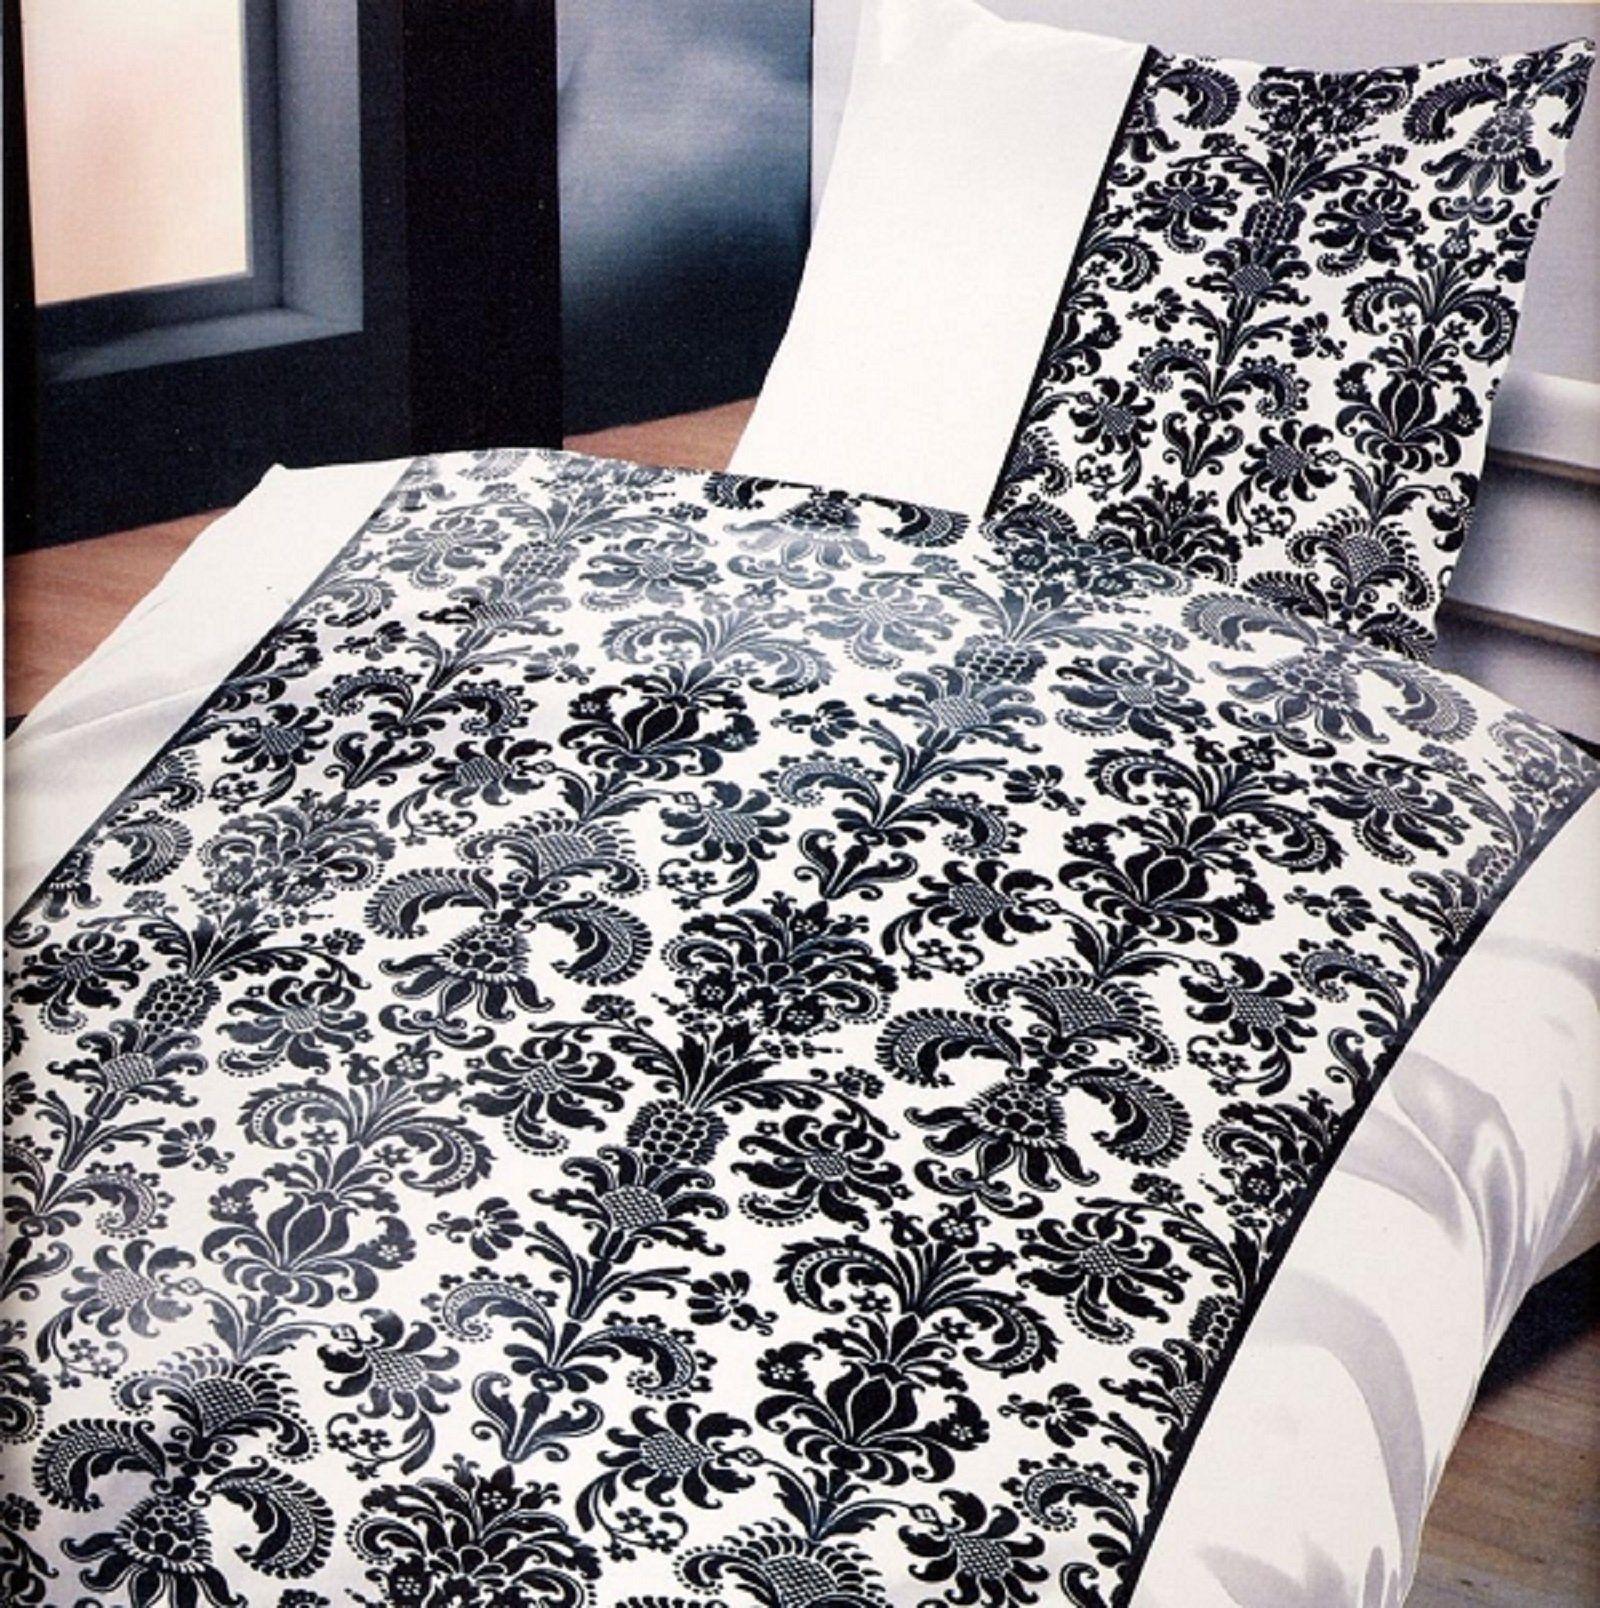 Bettwäsche 135x200 Cm 4 Tlg Schwarz Weiß Ornamente 2 Garnituren